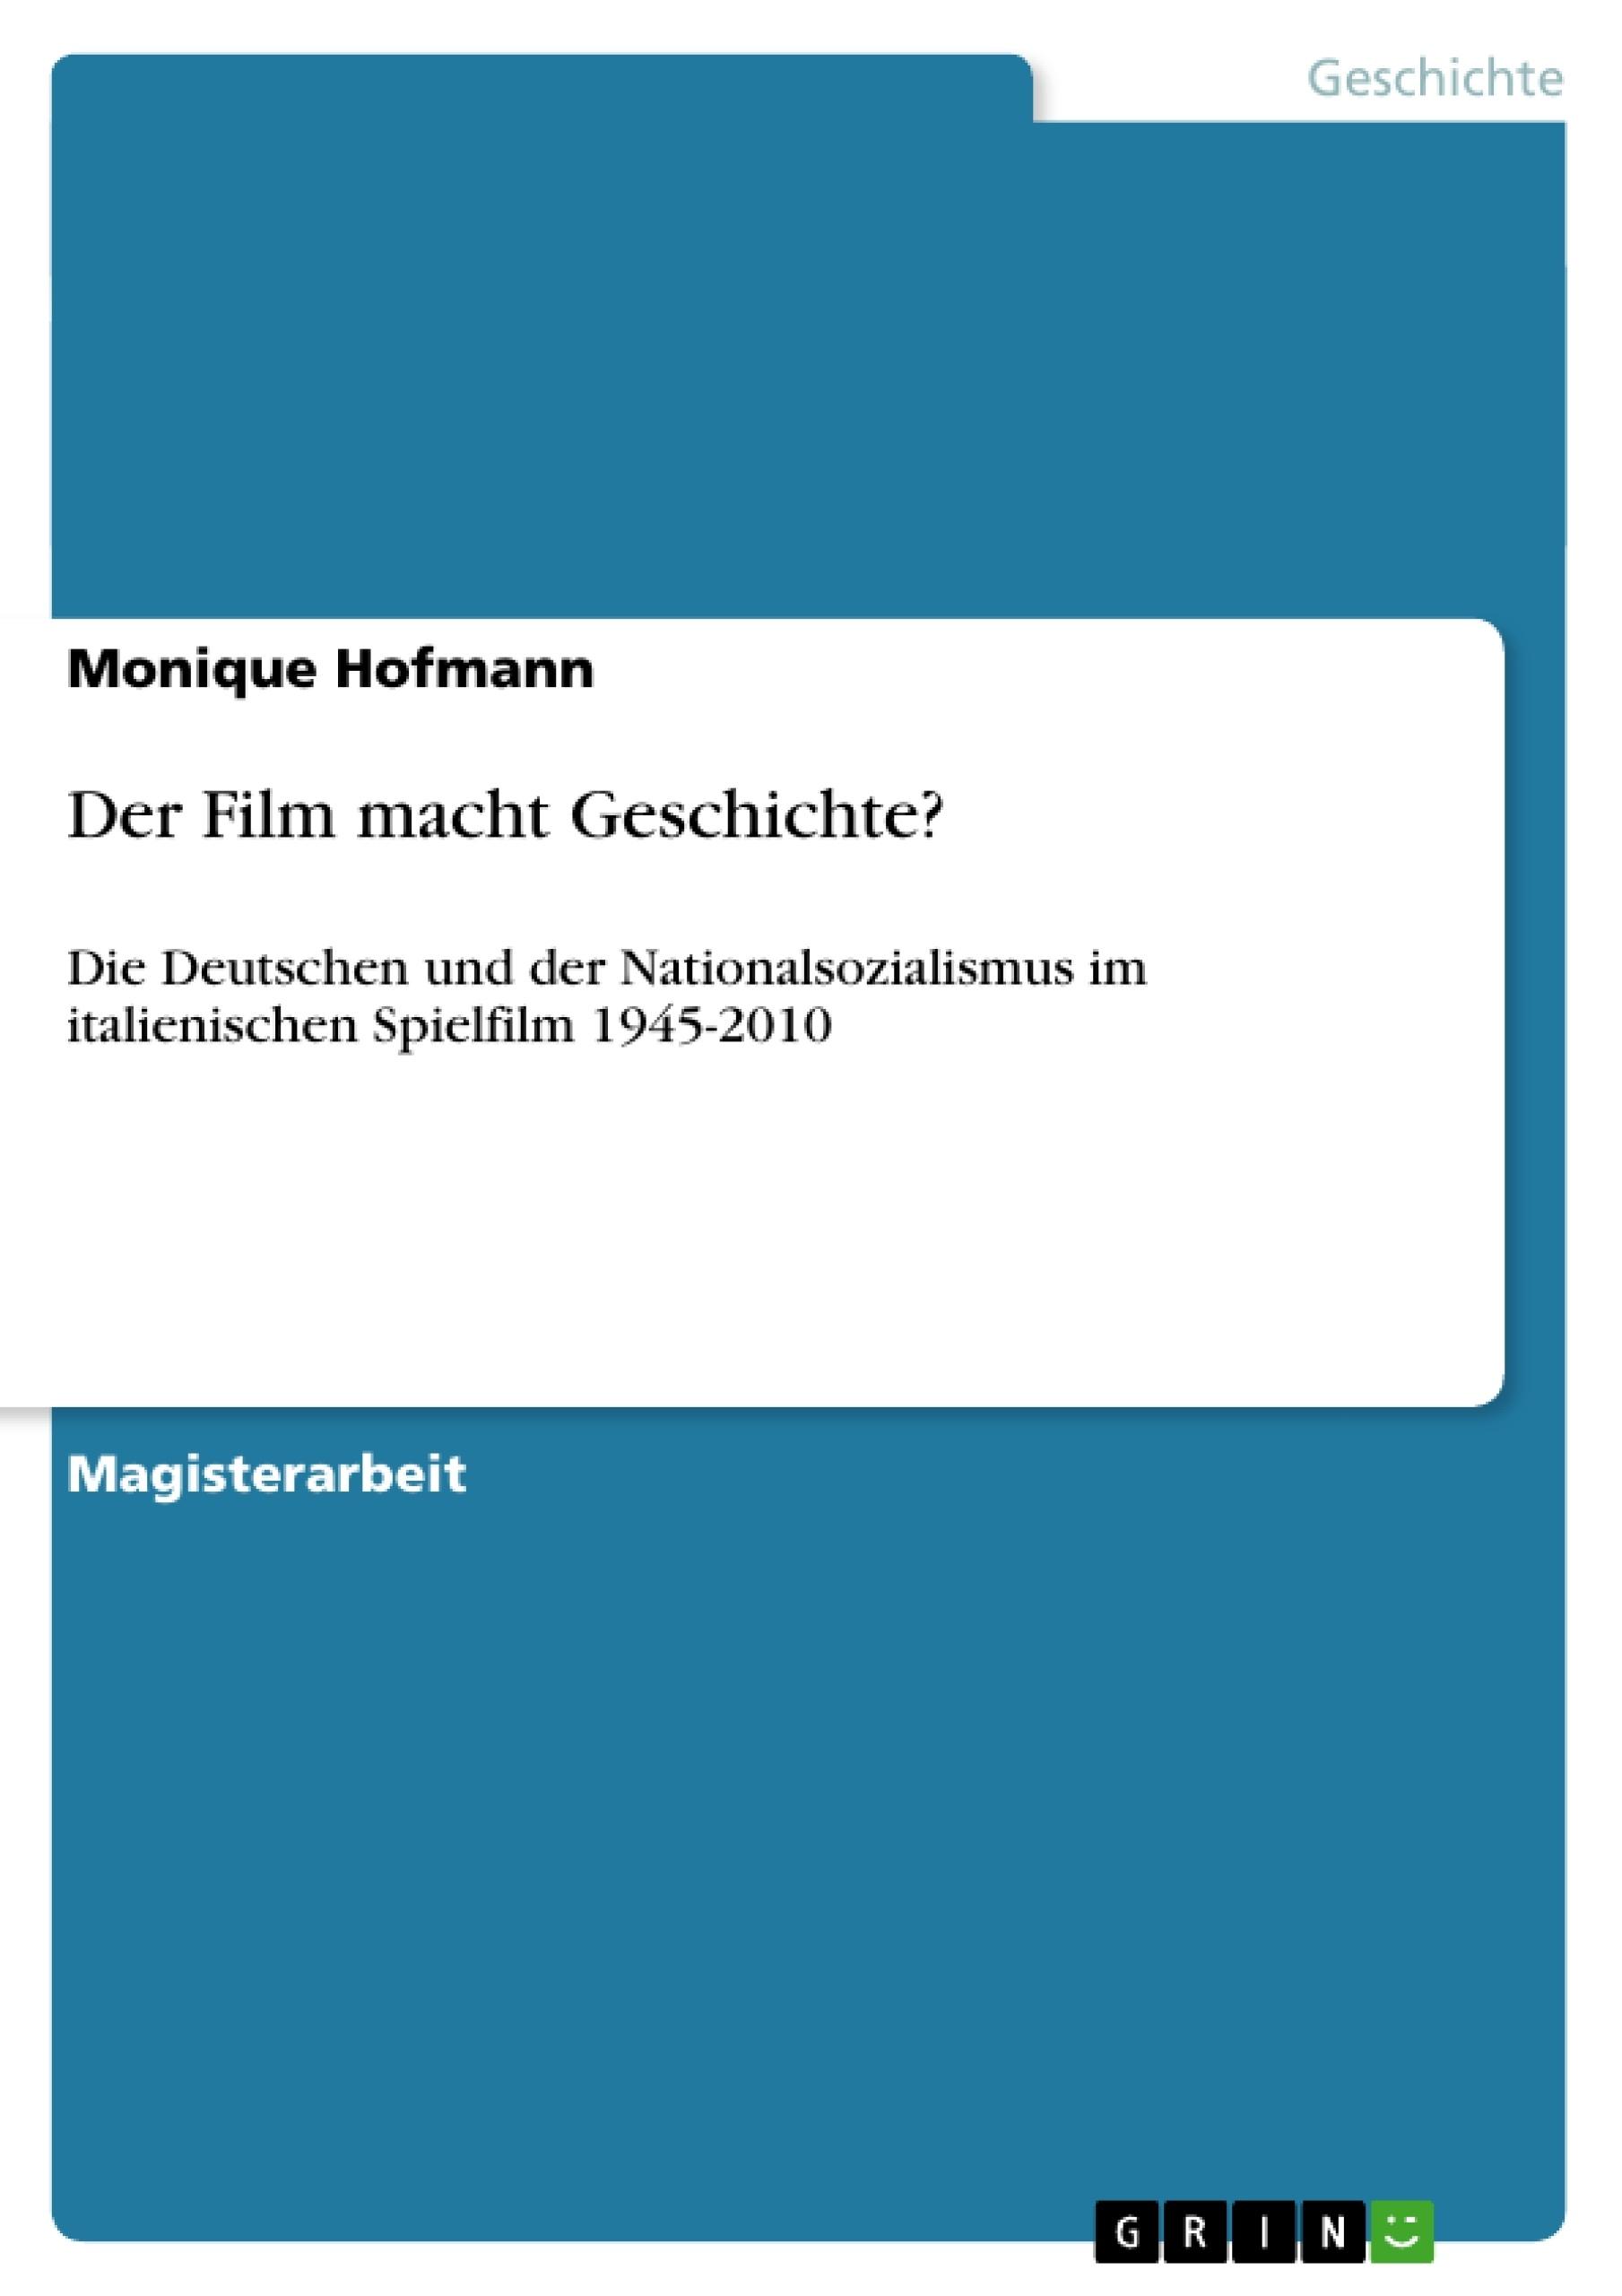 Titel: Der Film macht Geschichte? Die Deutschen und der Nationalsozialismus im italienischen Spielfilm 1945-2010